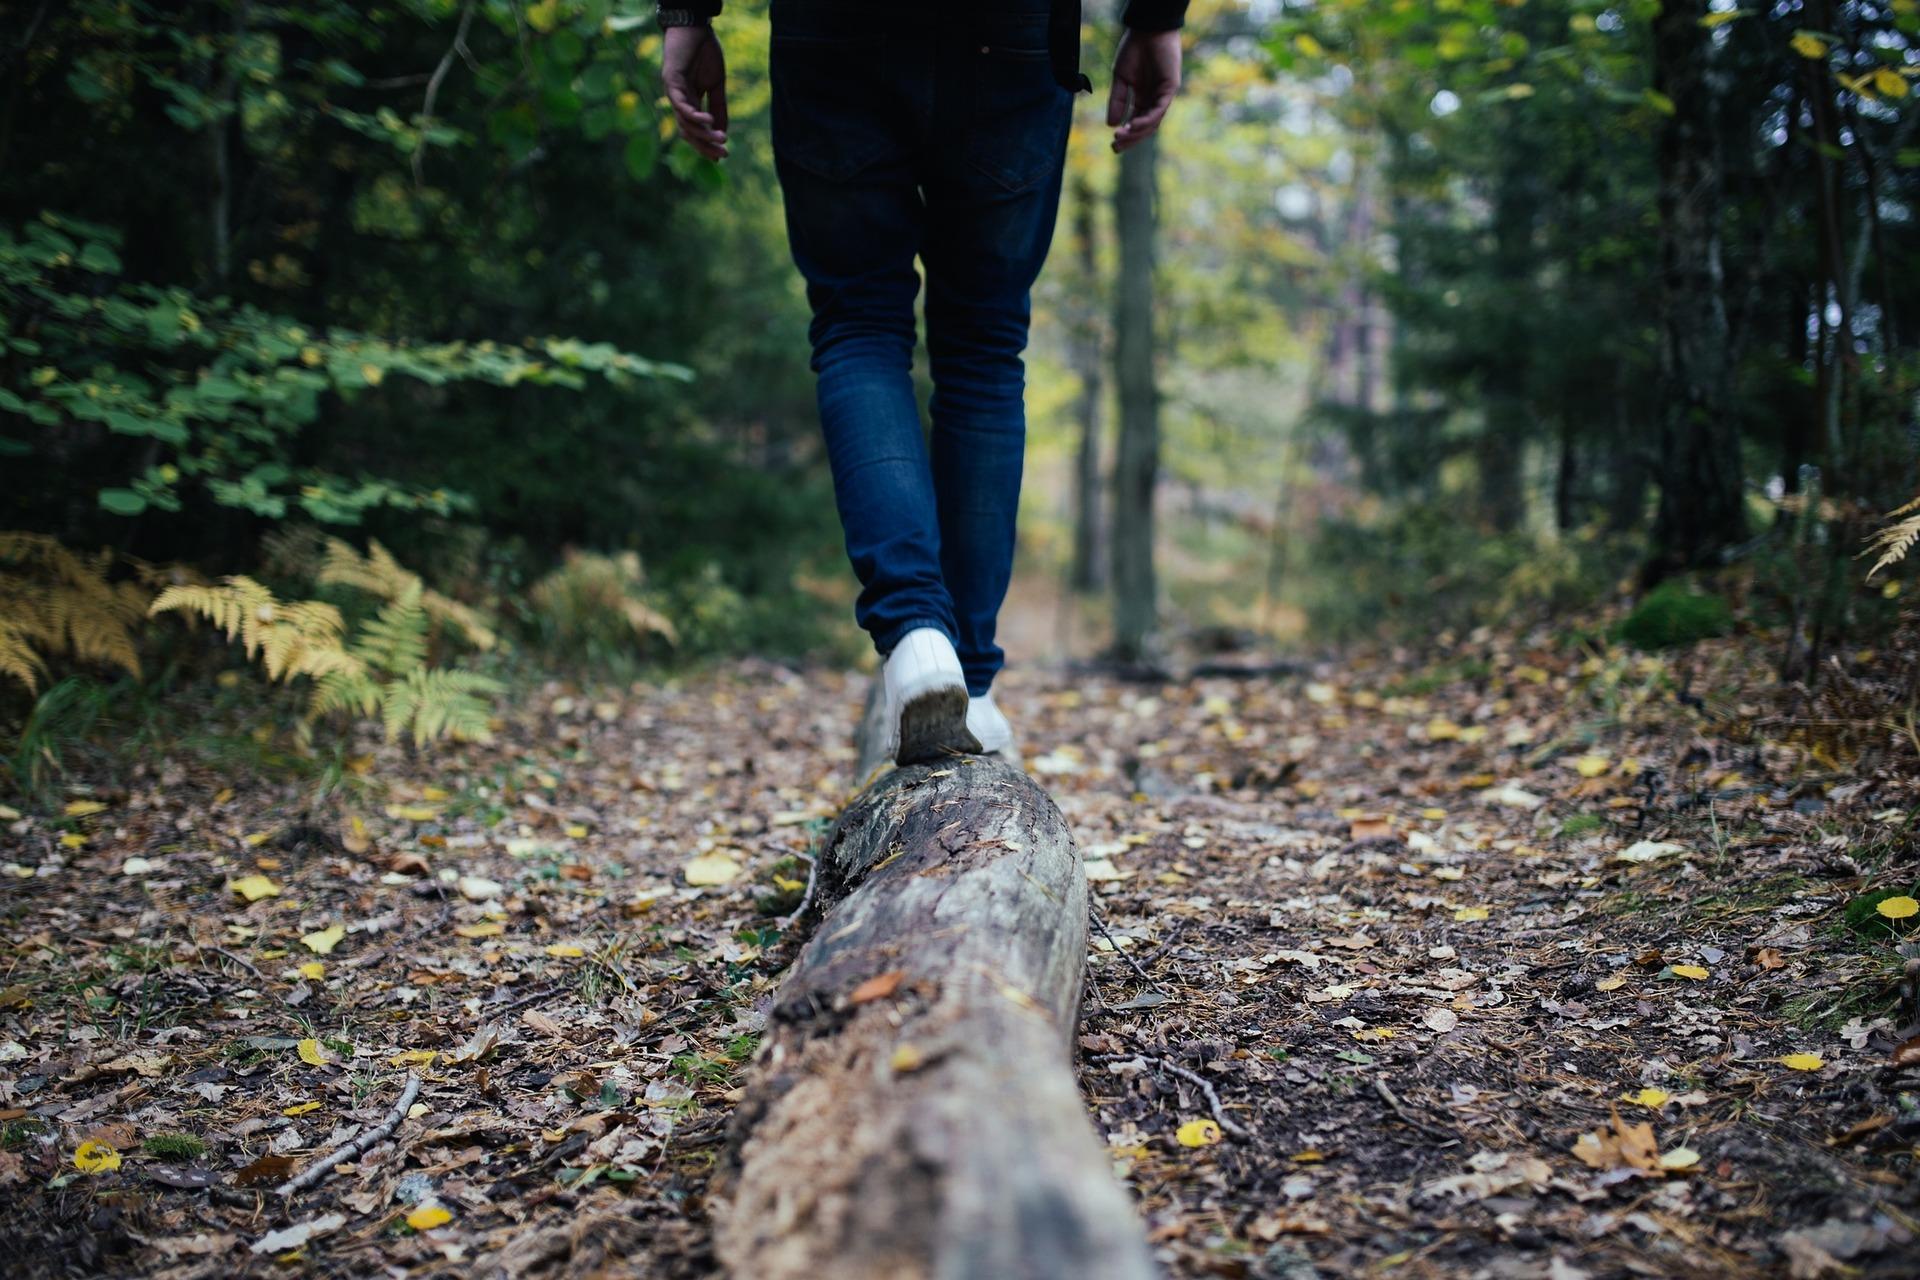 Trekking and Outdoor